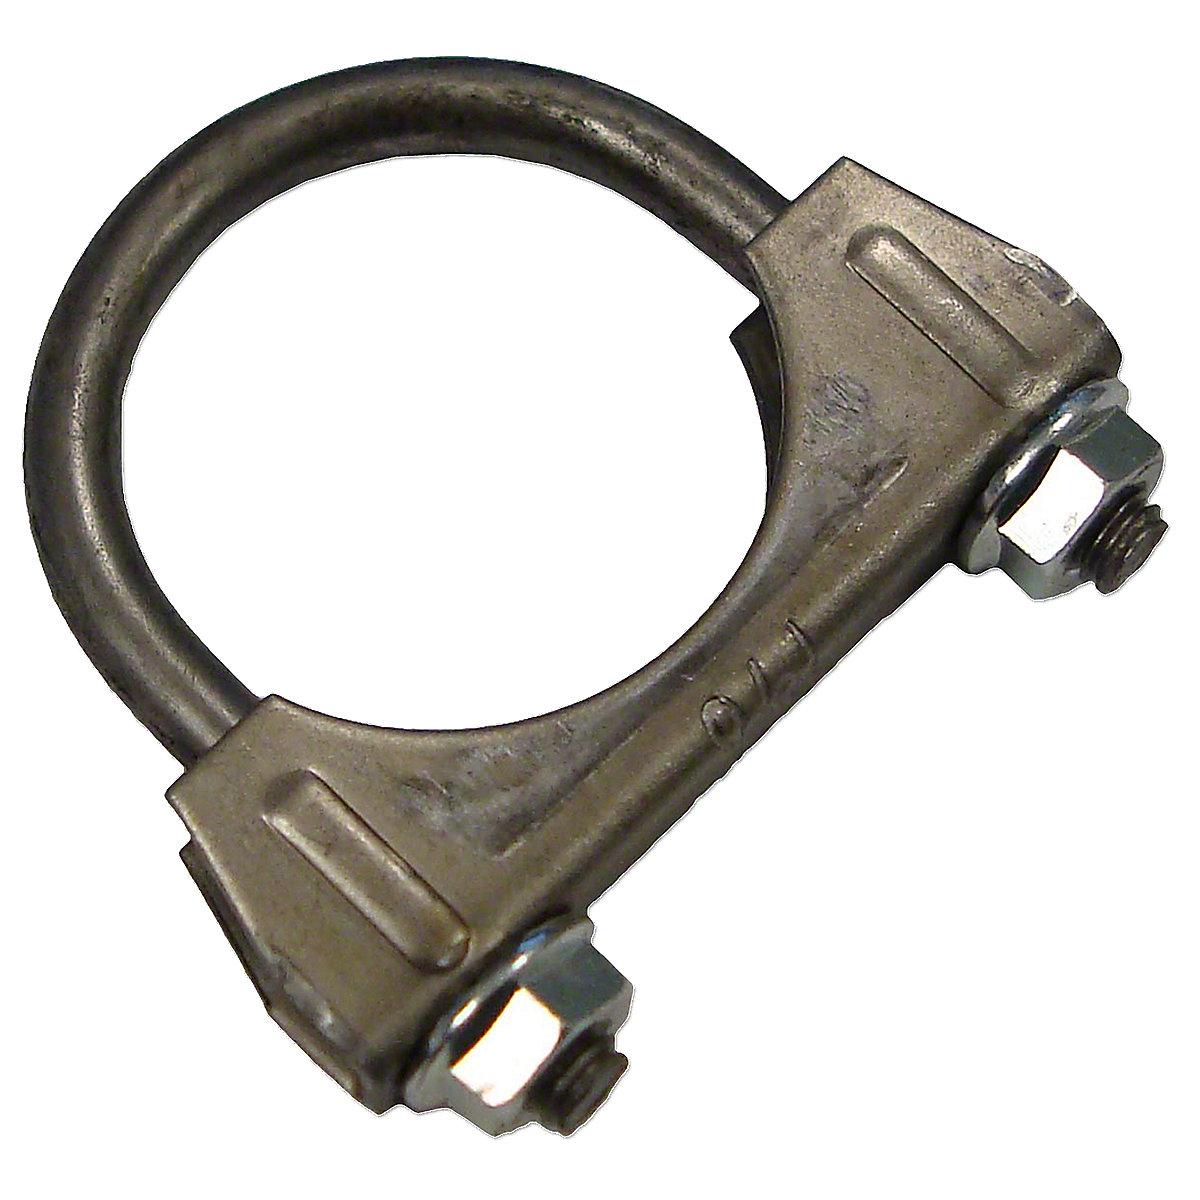 1-5/8 Muffler Clamp For Massey Harris And Massey Ferguson Tractors.